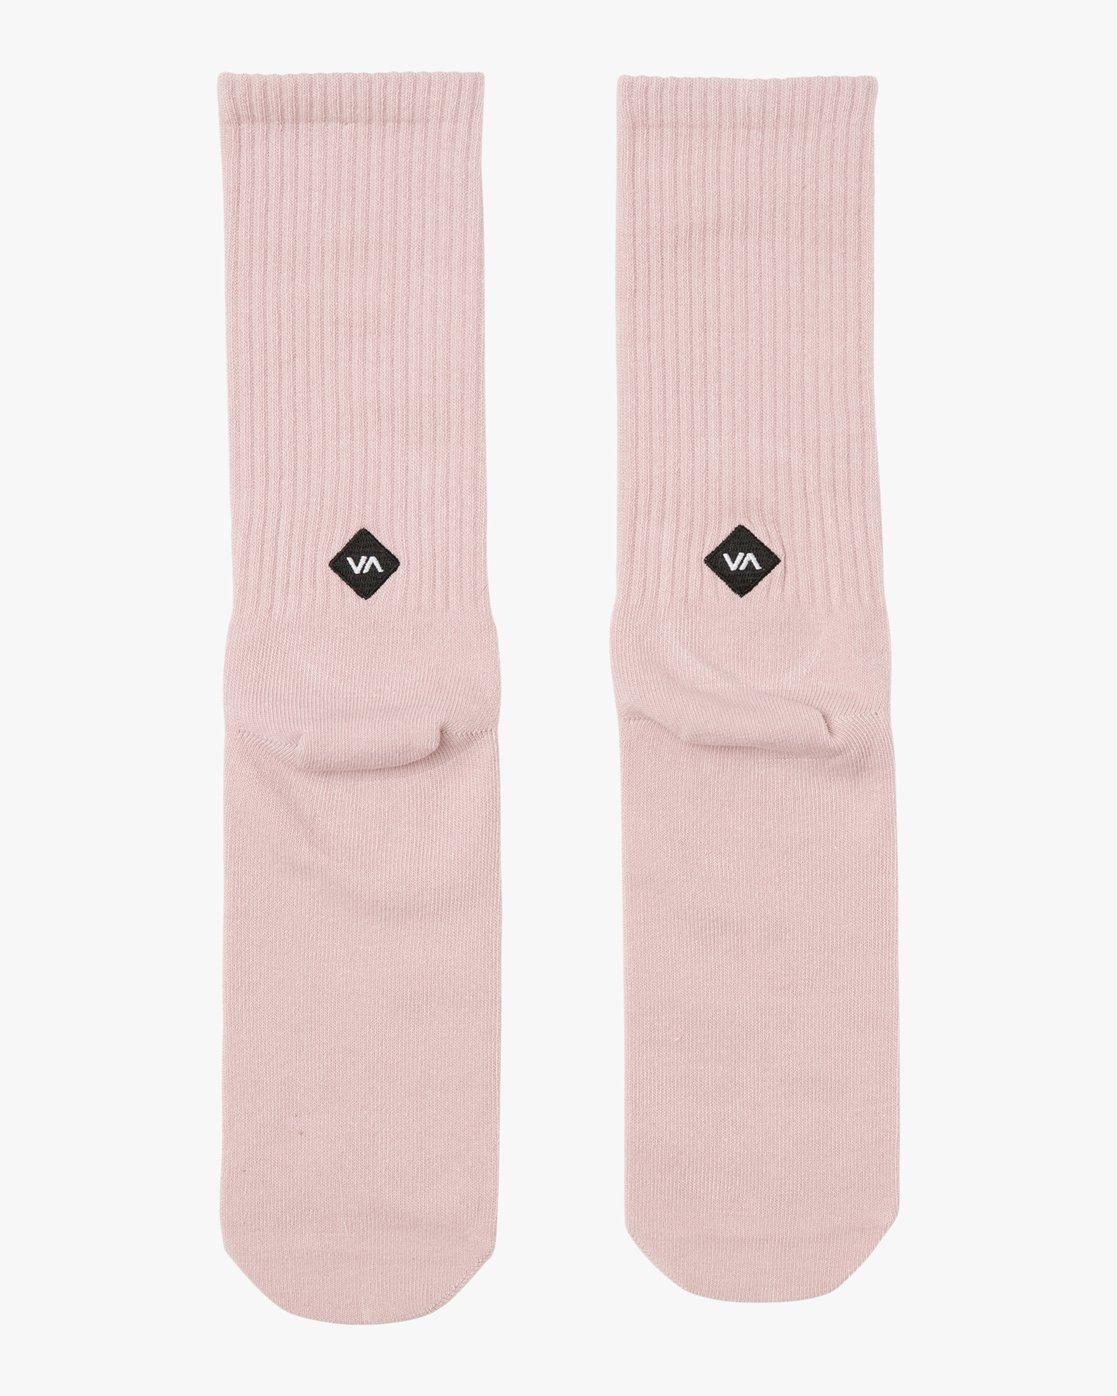 0 RVCA Wash Crew Socks Pink MASOQRWS RVCA